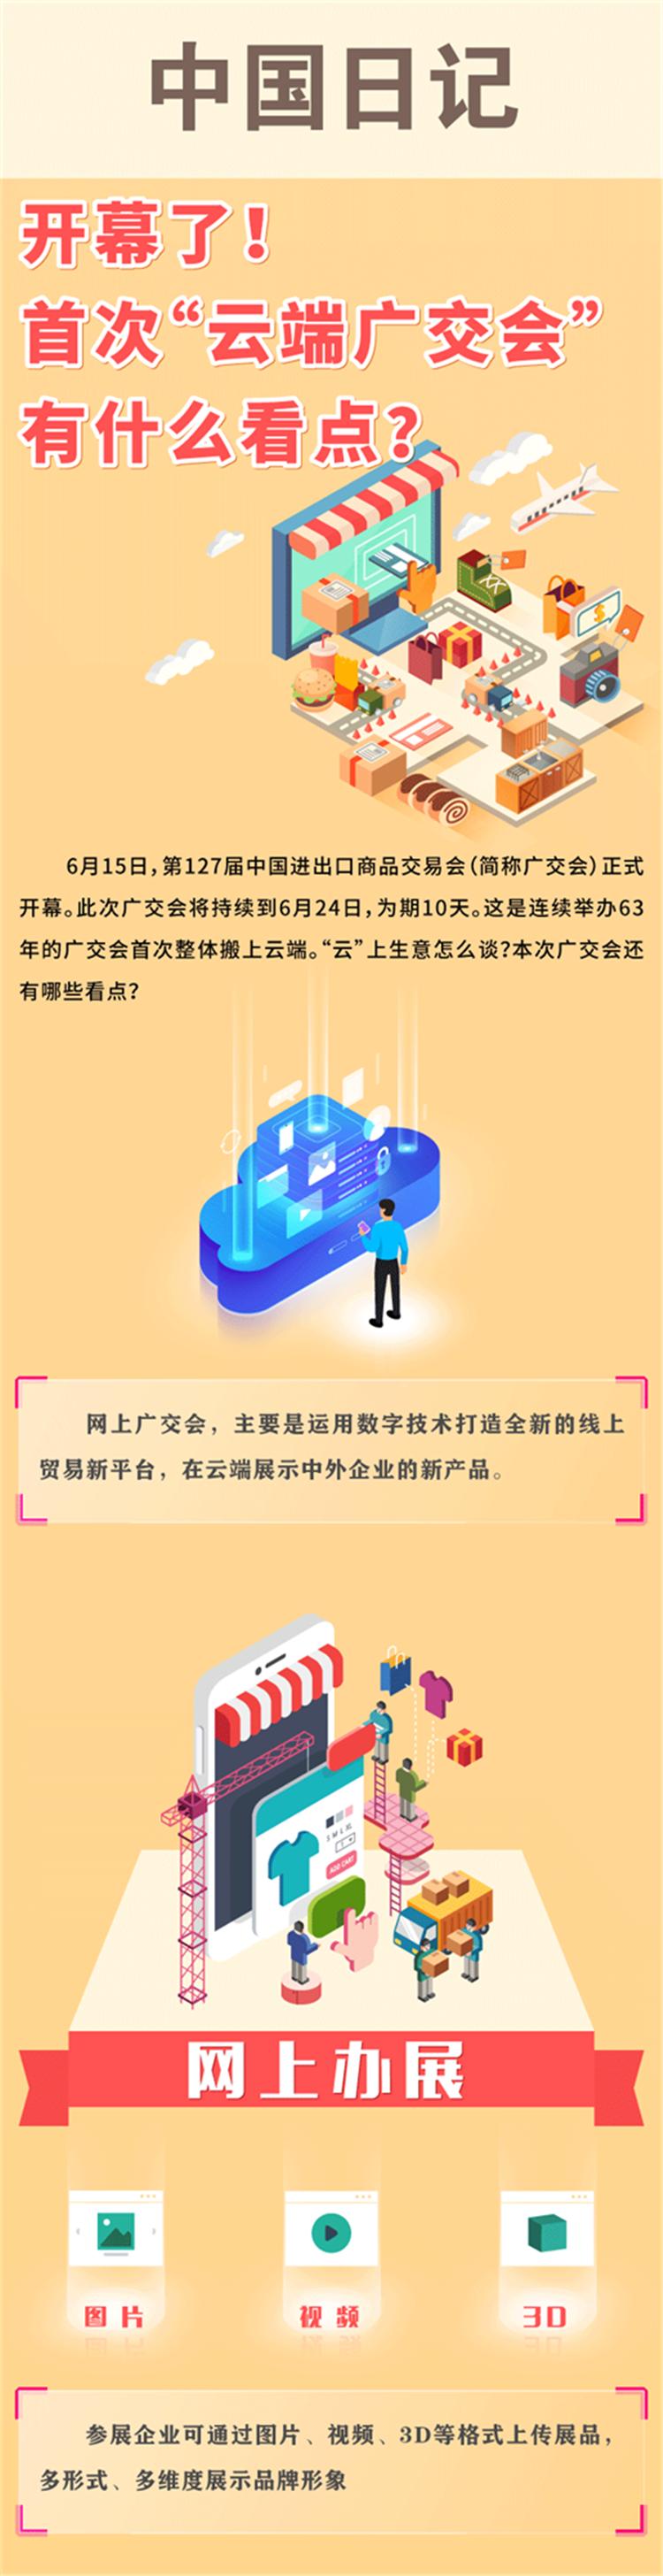 【图文】首次线上广交会有哪些看点?